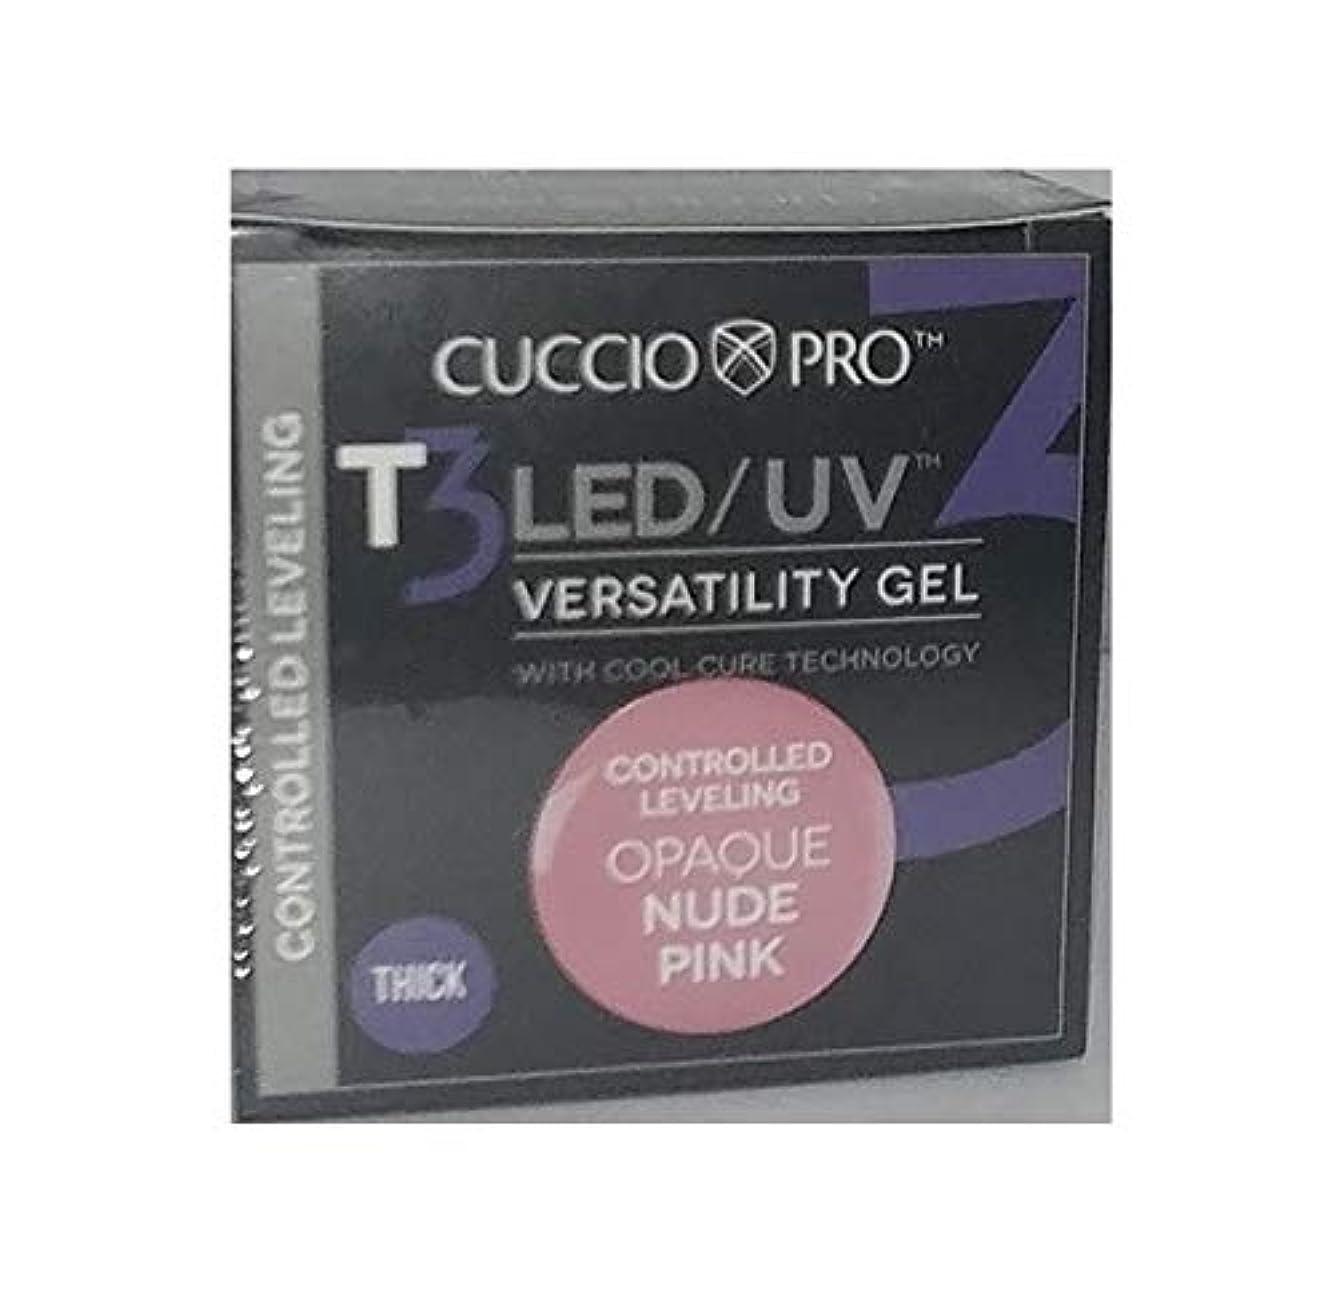 シリーズ告白おめでとうCuccio Pro - T3 LED/UV Gel - Controlled Leveling - Opaque Nude Pink - 1 oz / 28 g